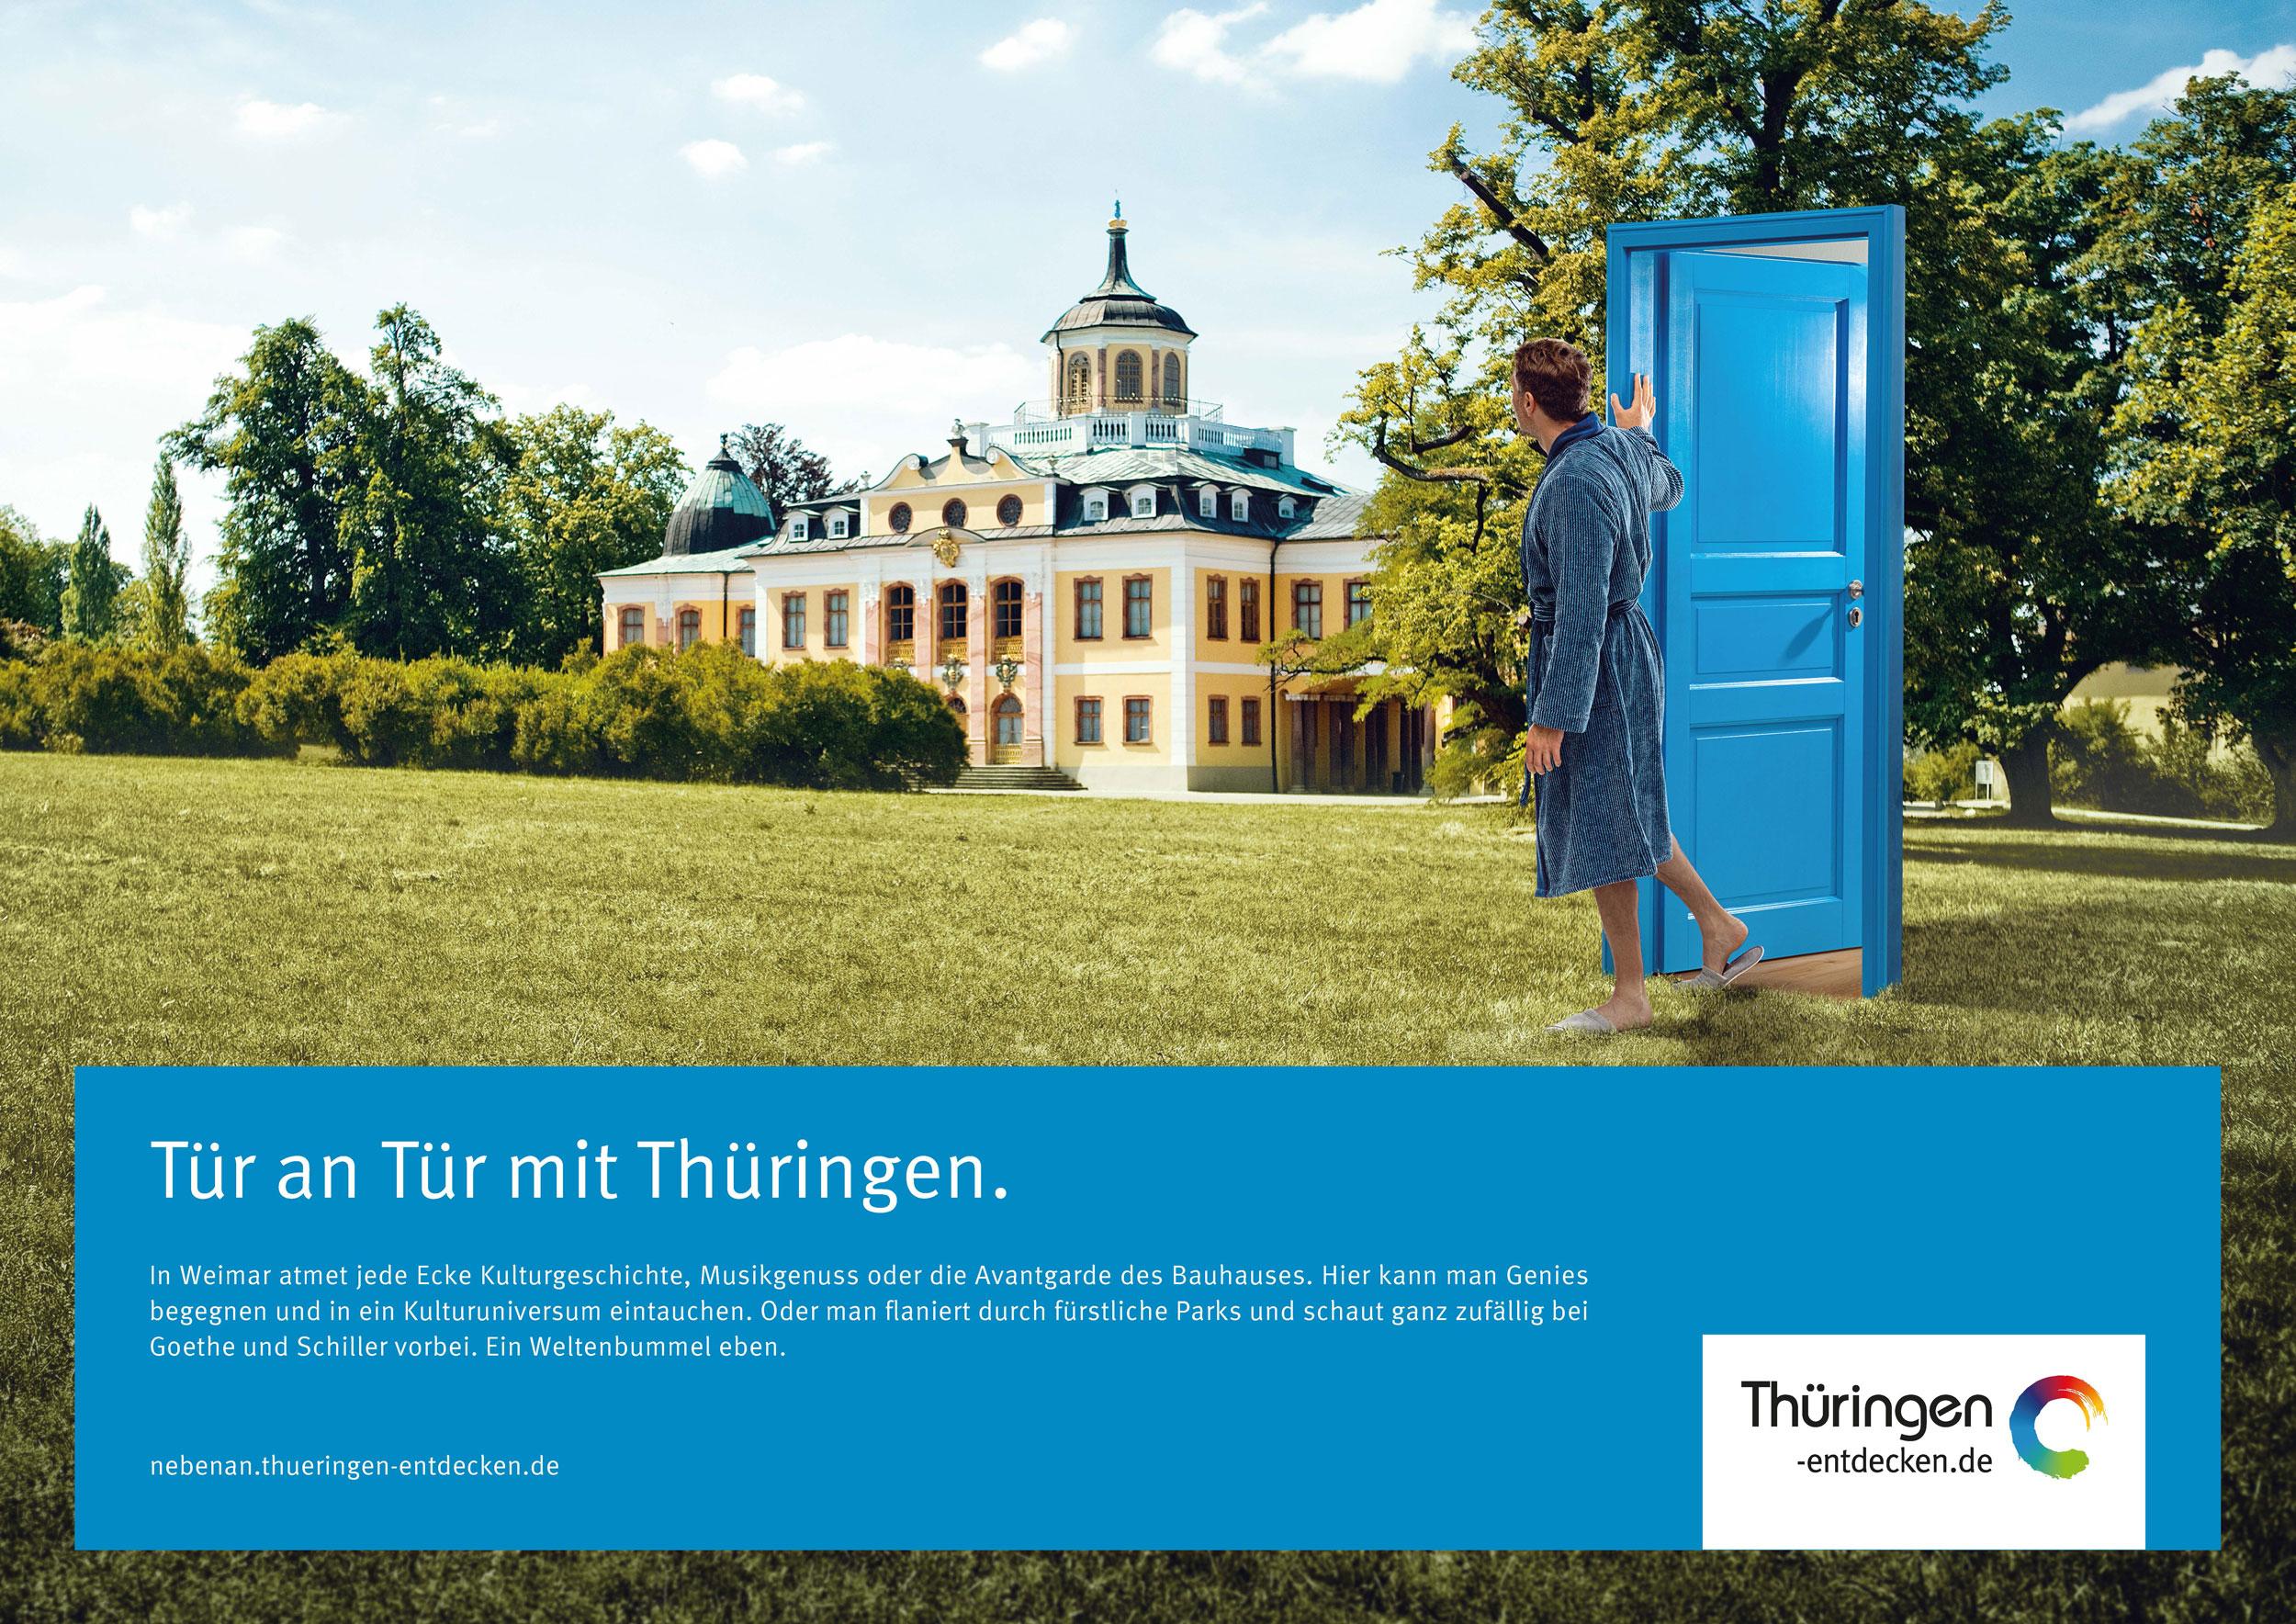 Tür an Tür mit Thüringen 18/1-Motiv Weimar